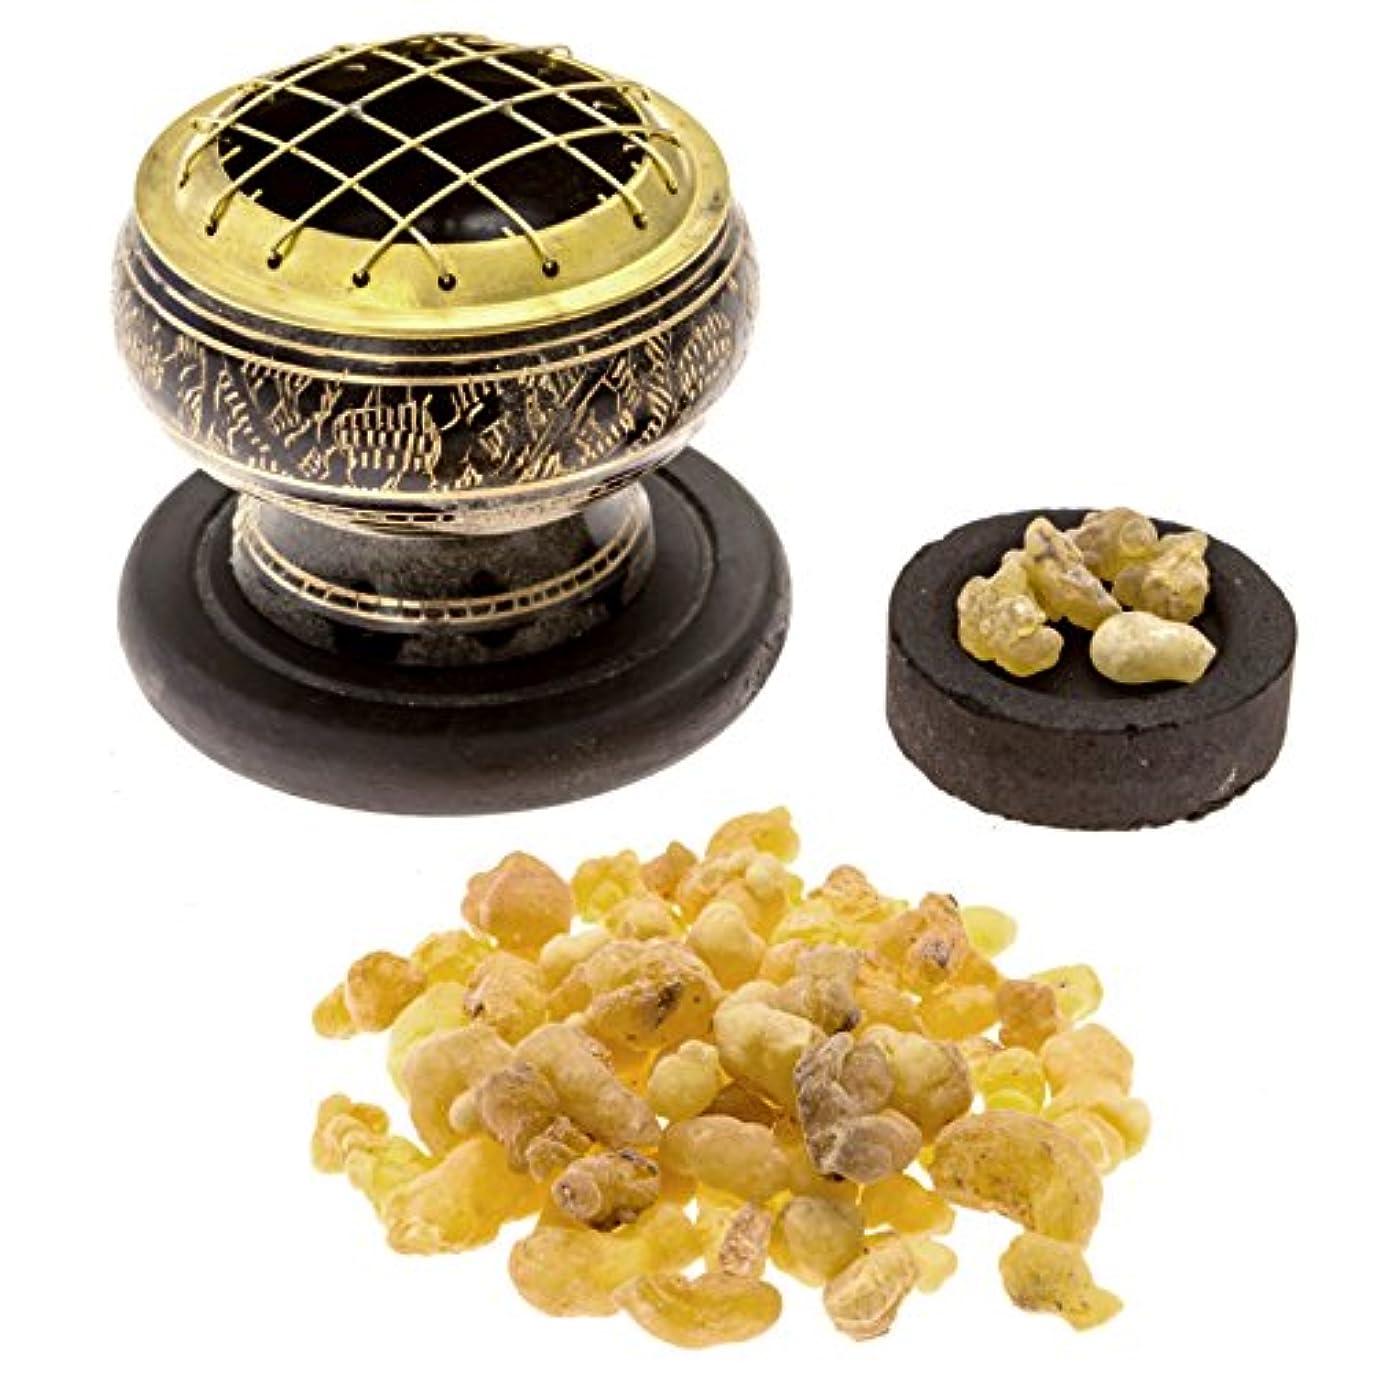 六月撤回する水分プレミアムFrankincense Burningキット( withチベット香炉または真鍮画面Burner ) (真鍮Burner )